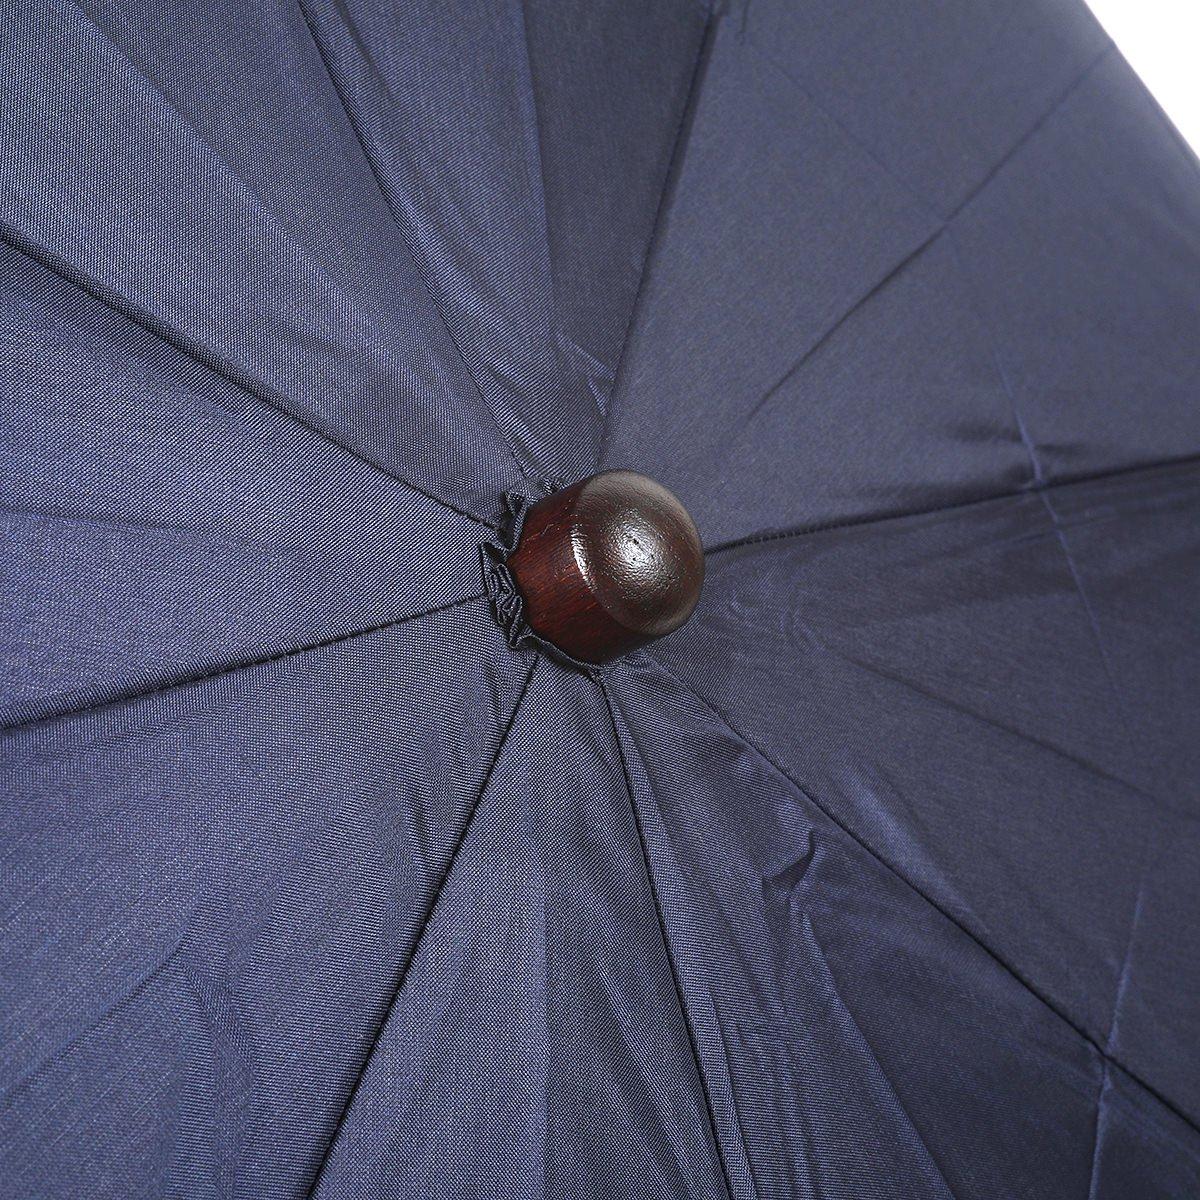 【セール】富士絹 折りたたみ傘 詳細画像5